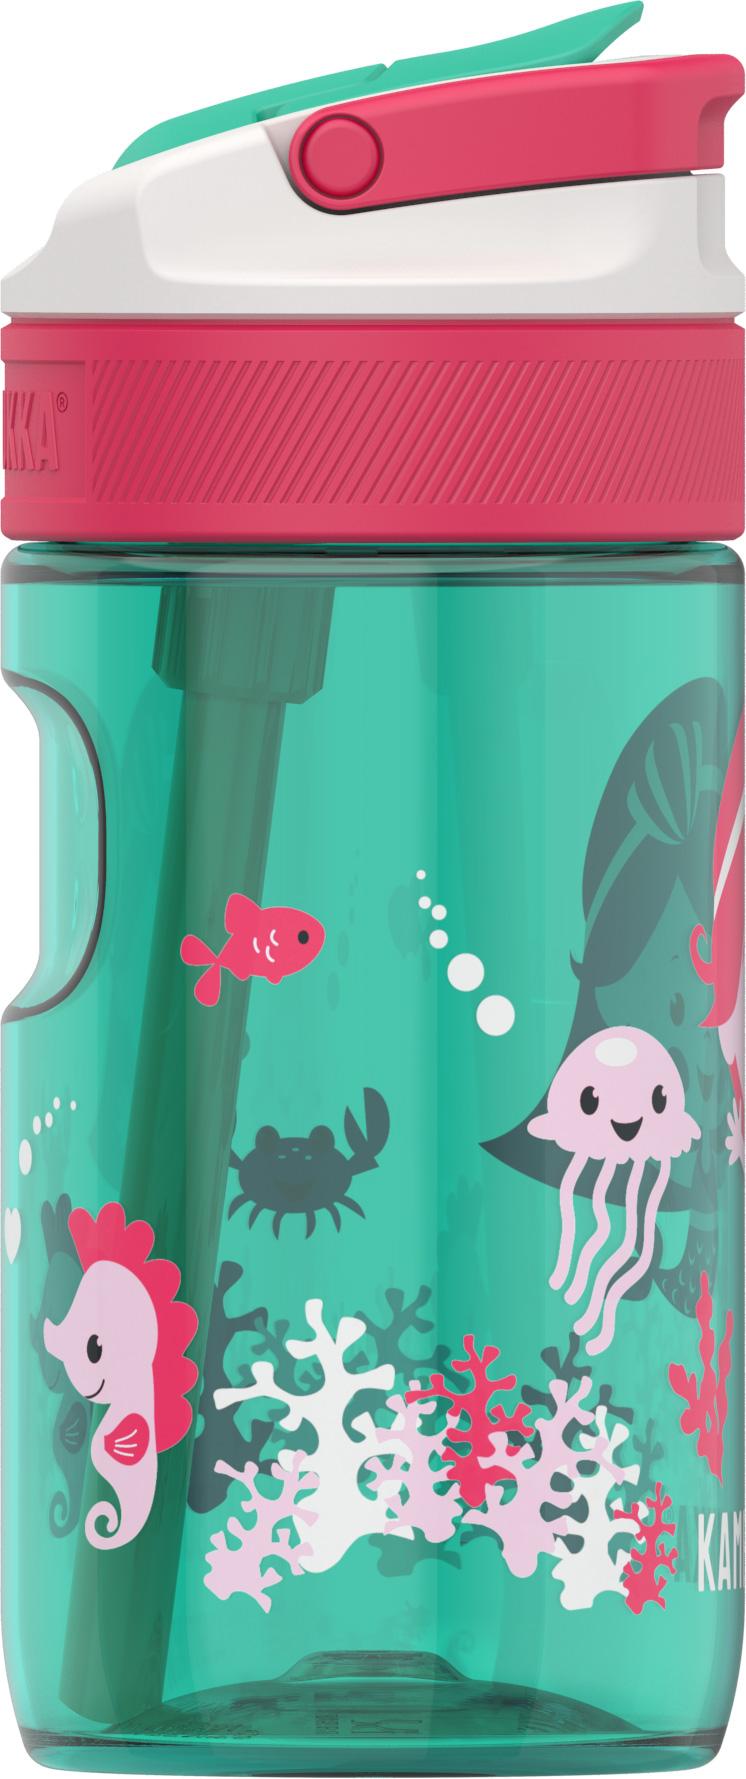 """בקבוק שתיה ילדים 400 מ""""ל ירוק Kambukka Lagoon Ocean Mermaid קמבוקה"""